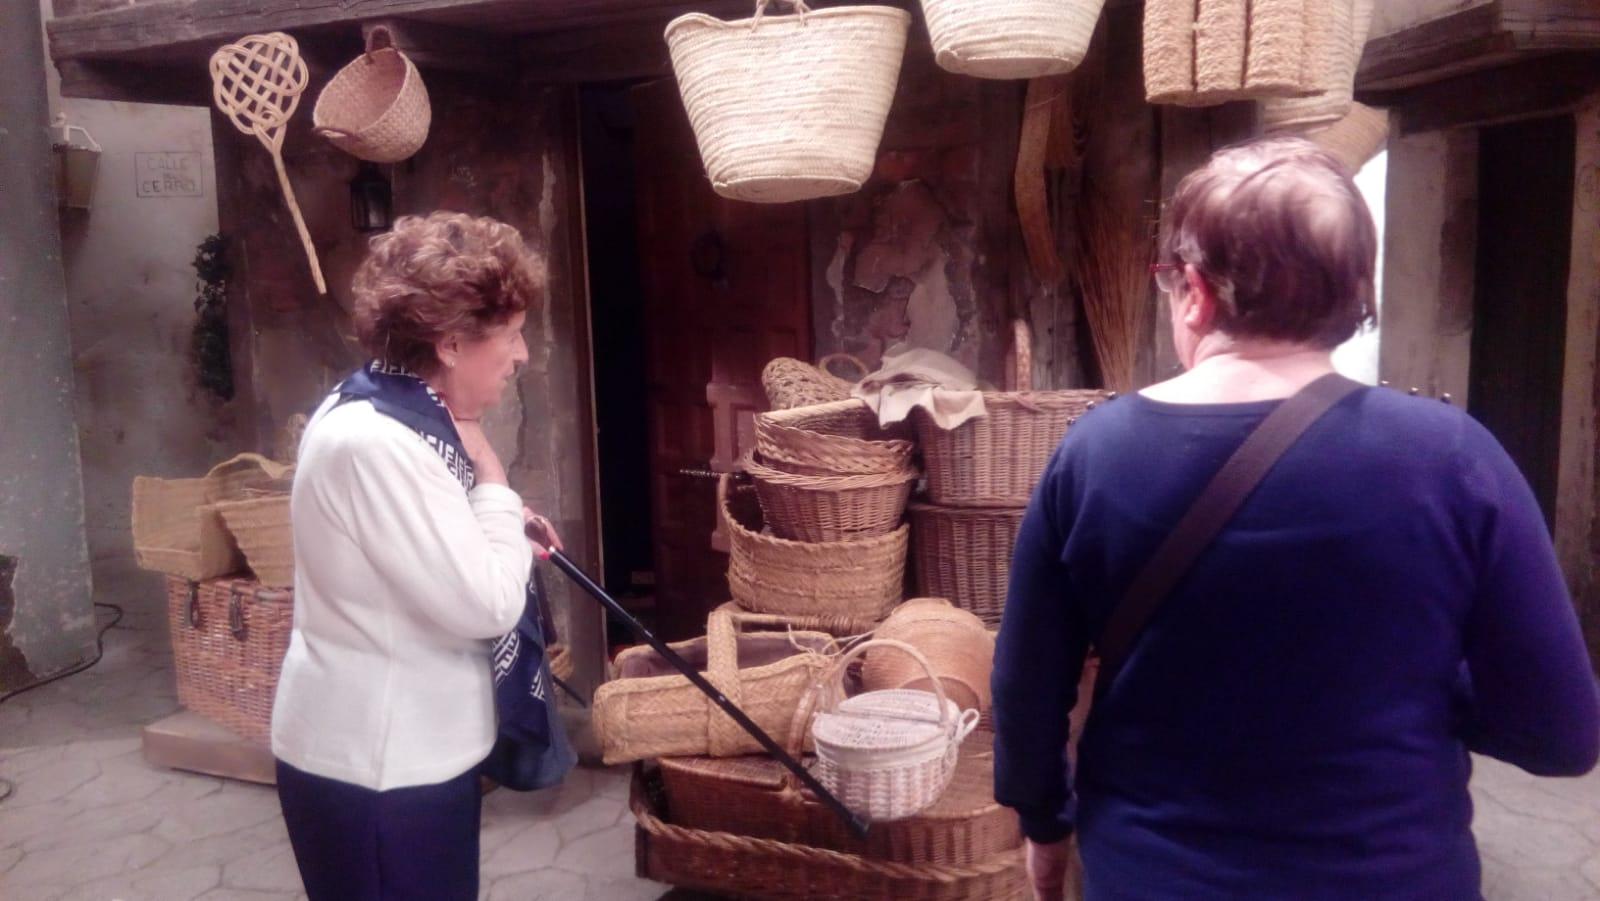 DomusVi Valdemoro visita plató de la serie el secreto de puente viejo (4)